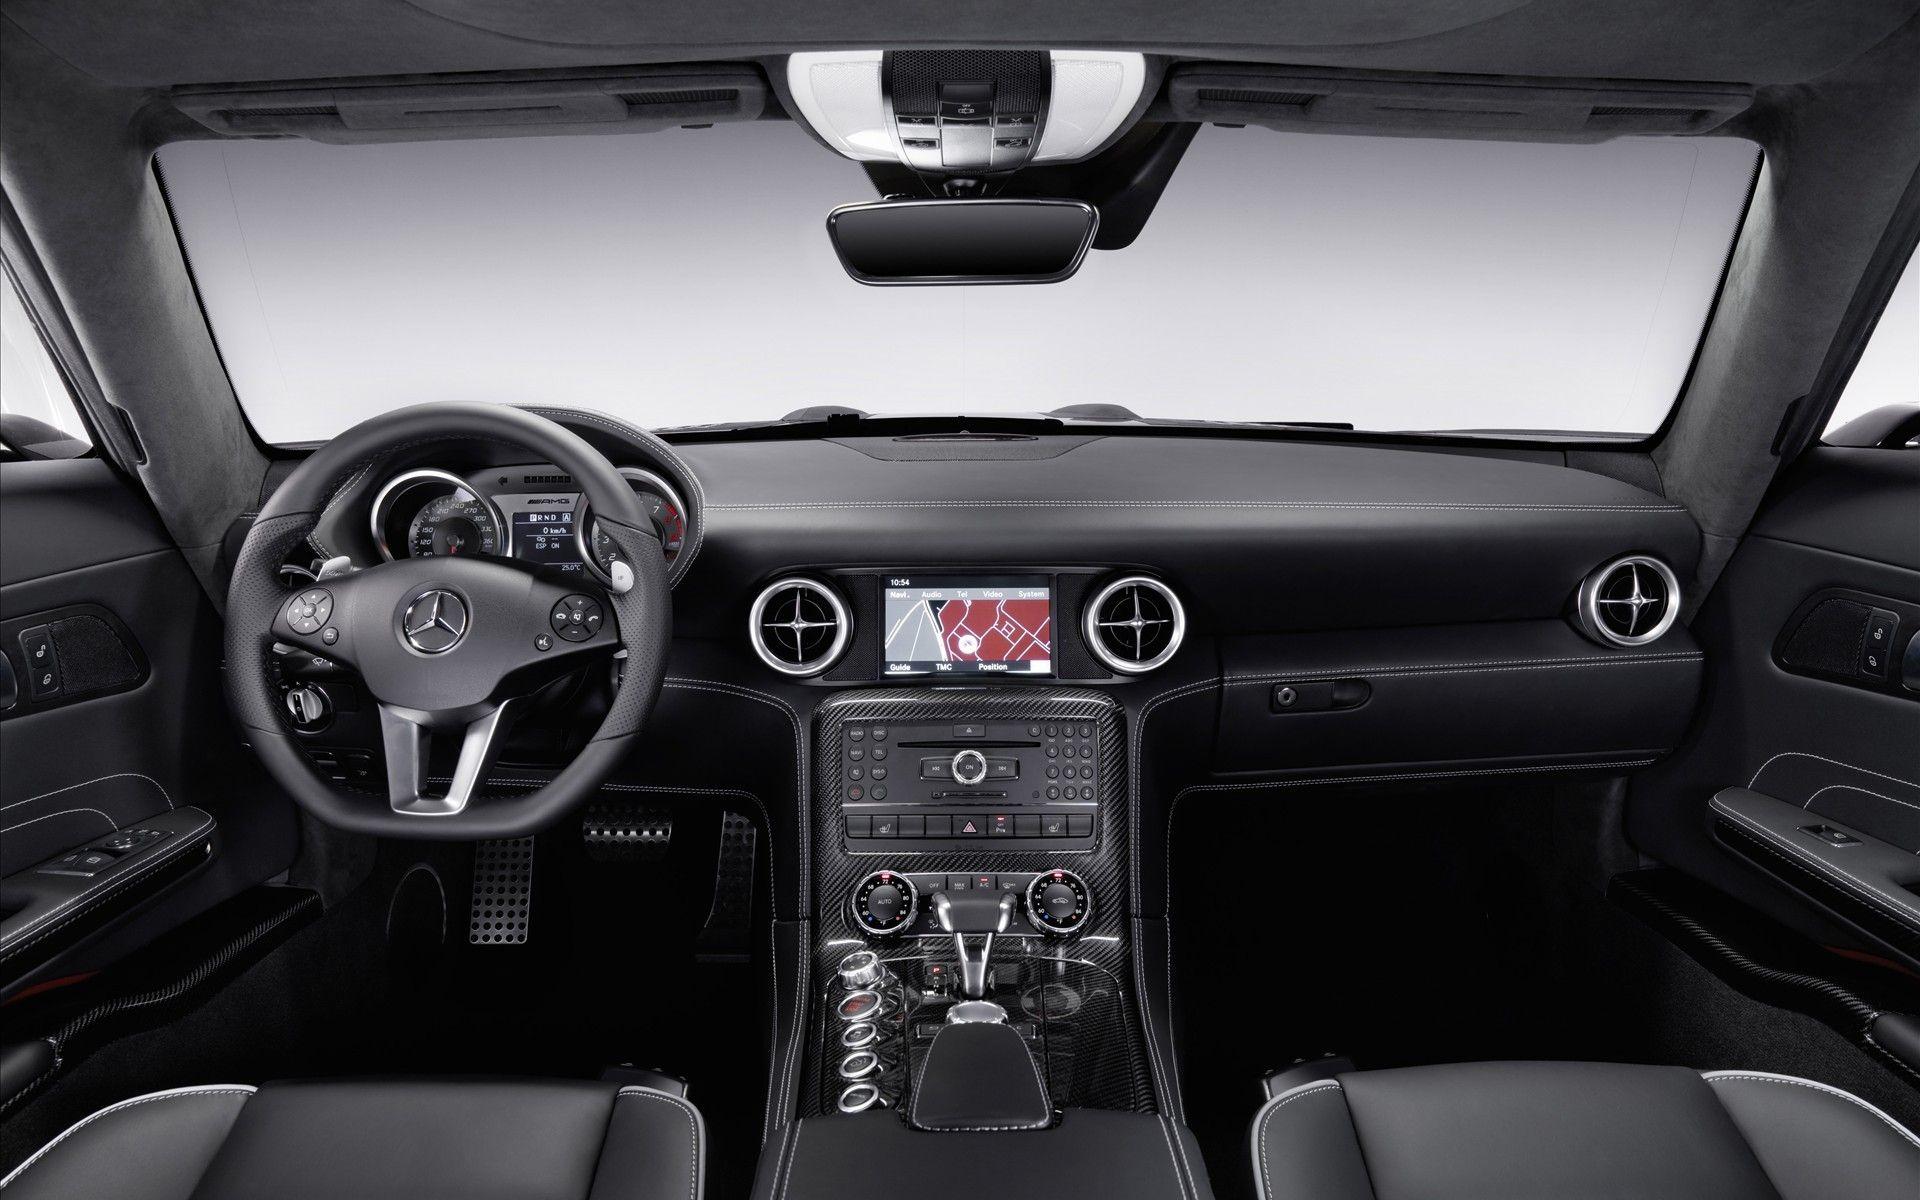 Mercedes Benz Sls Amg Interior Hd Wallpaper Mercedes Benz Sls